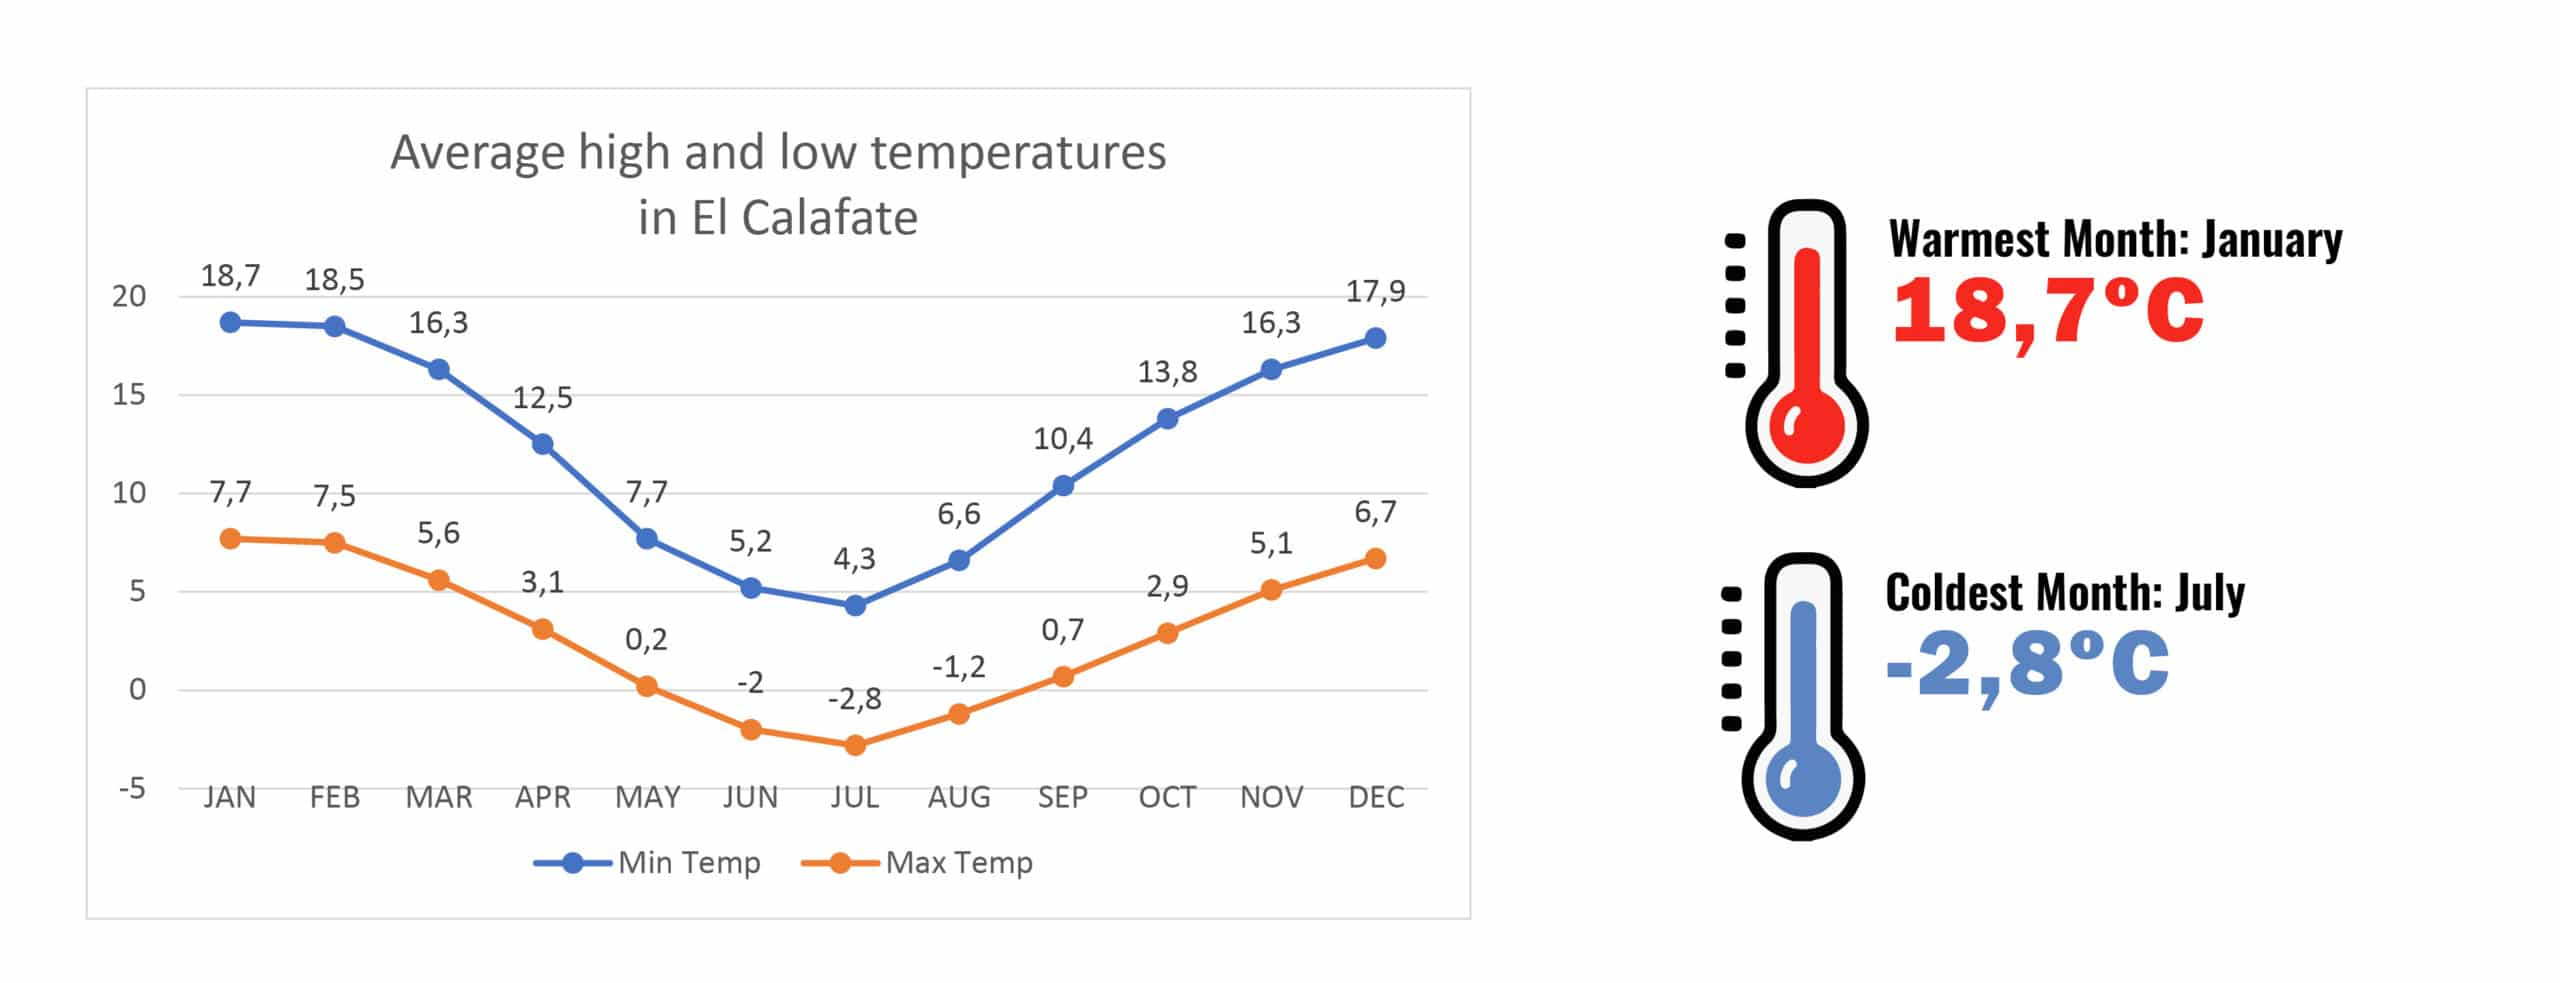 Temperatures in El Calafate - RipioTurismo DMC for Argentina